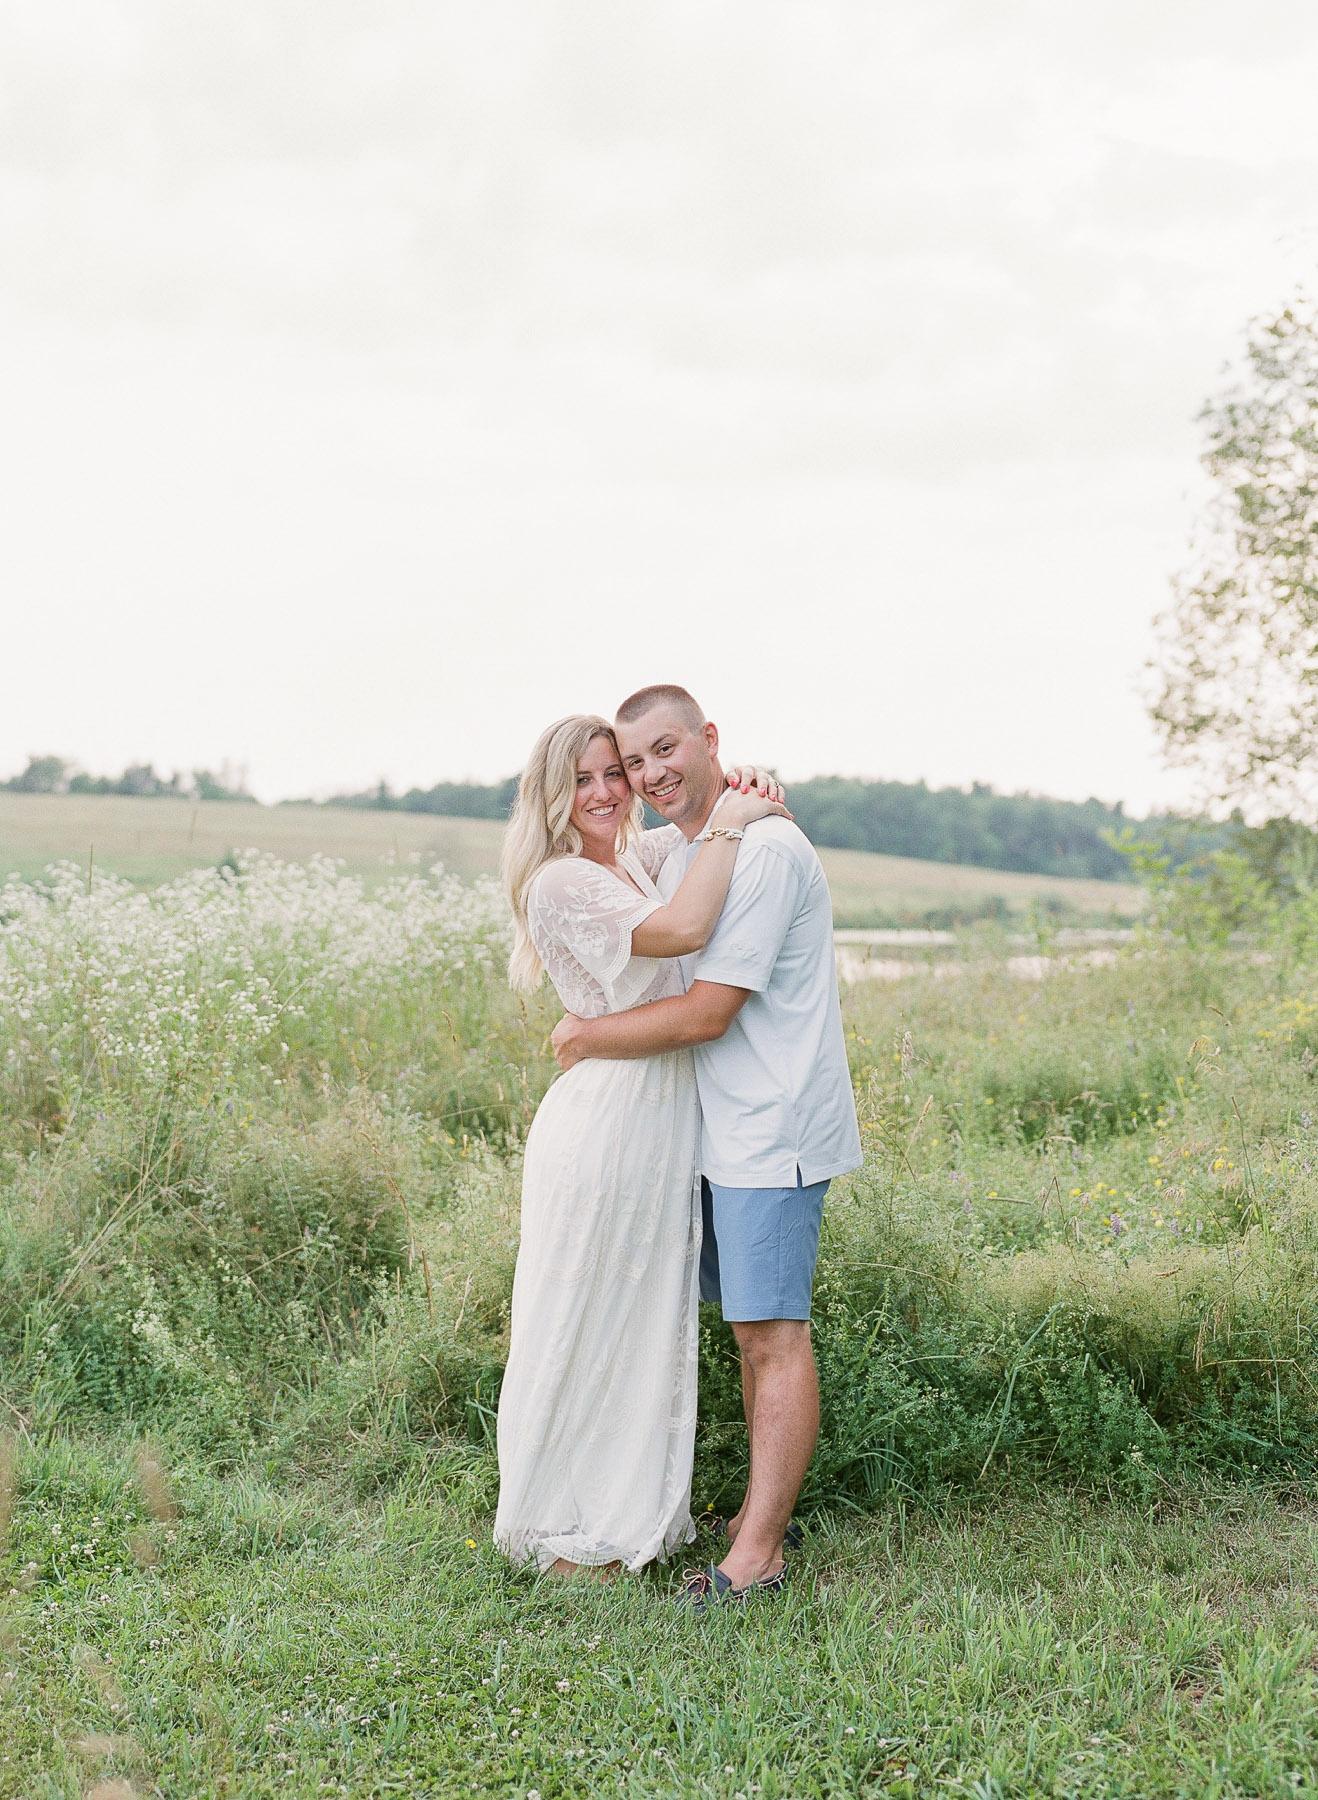 Albany, NY Family and Maternity Photographer